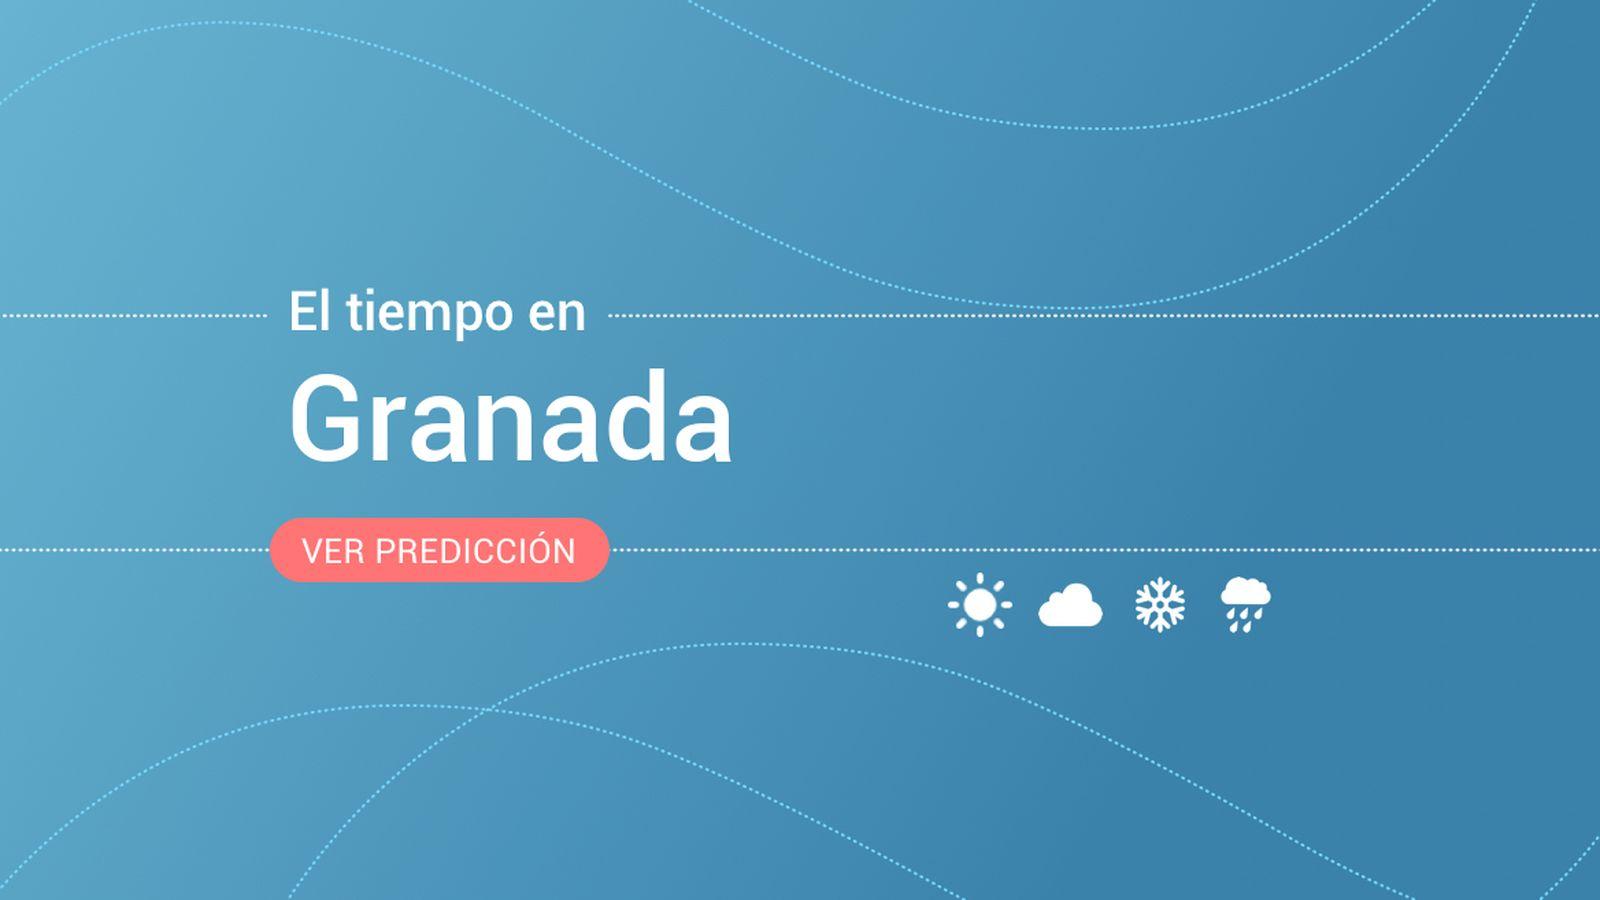 Foto: El tiempo en Granada. (EC)